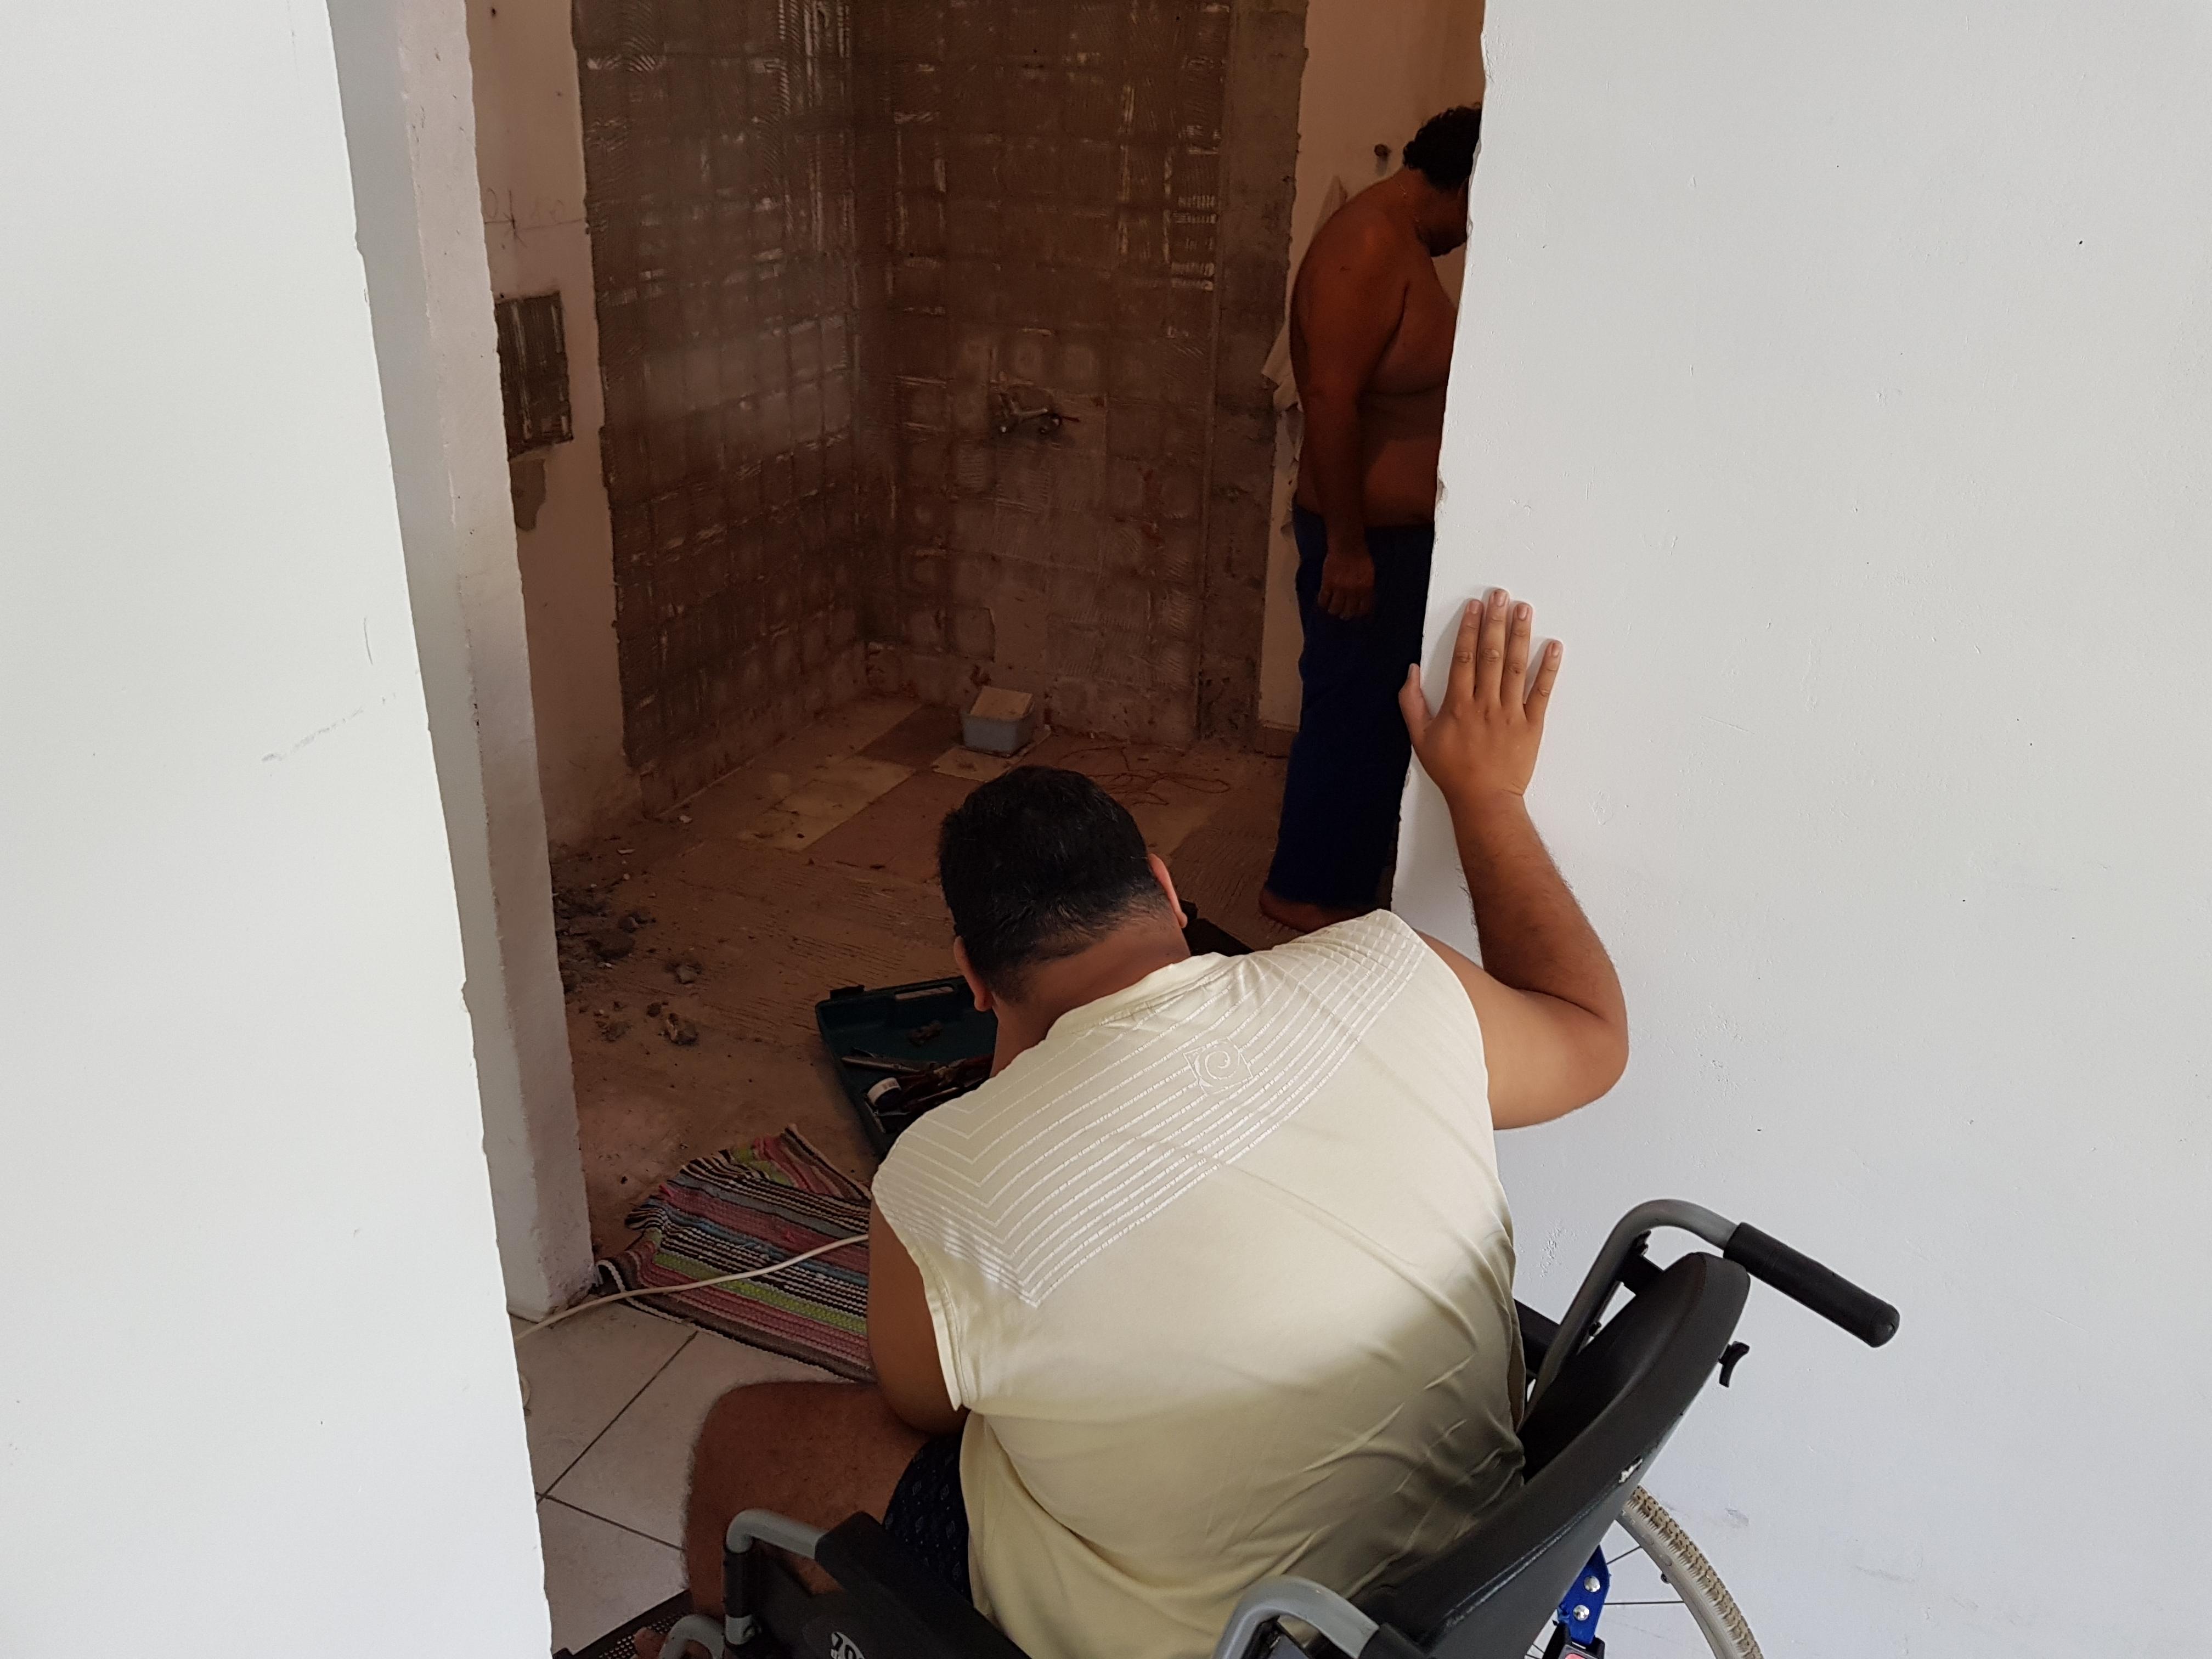 Les travaux de la future salle de bain de Raitini ont démarré samedi. Une activité qui est suivi de près par le jeune homme de 24 ans